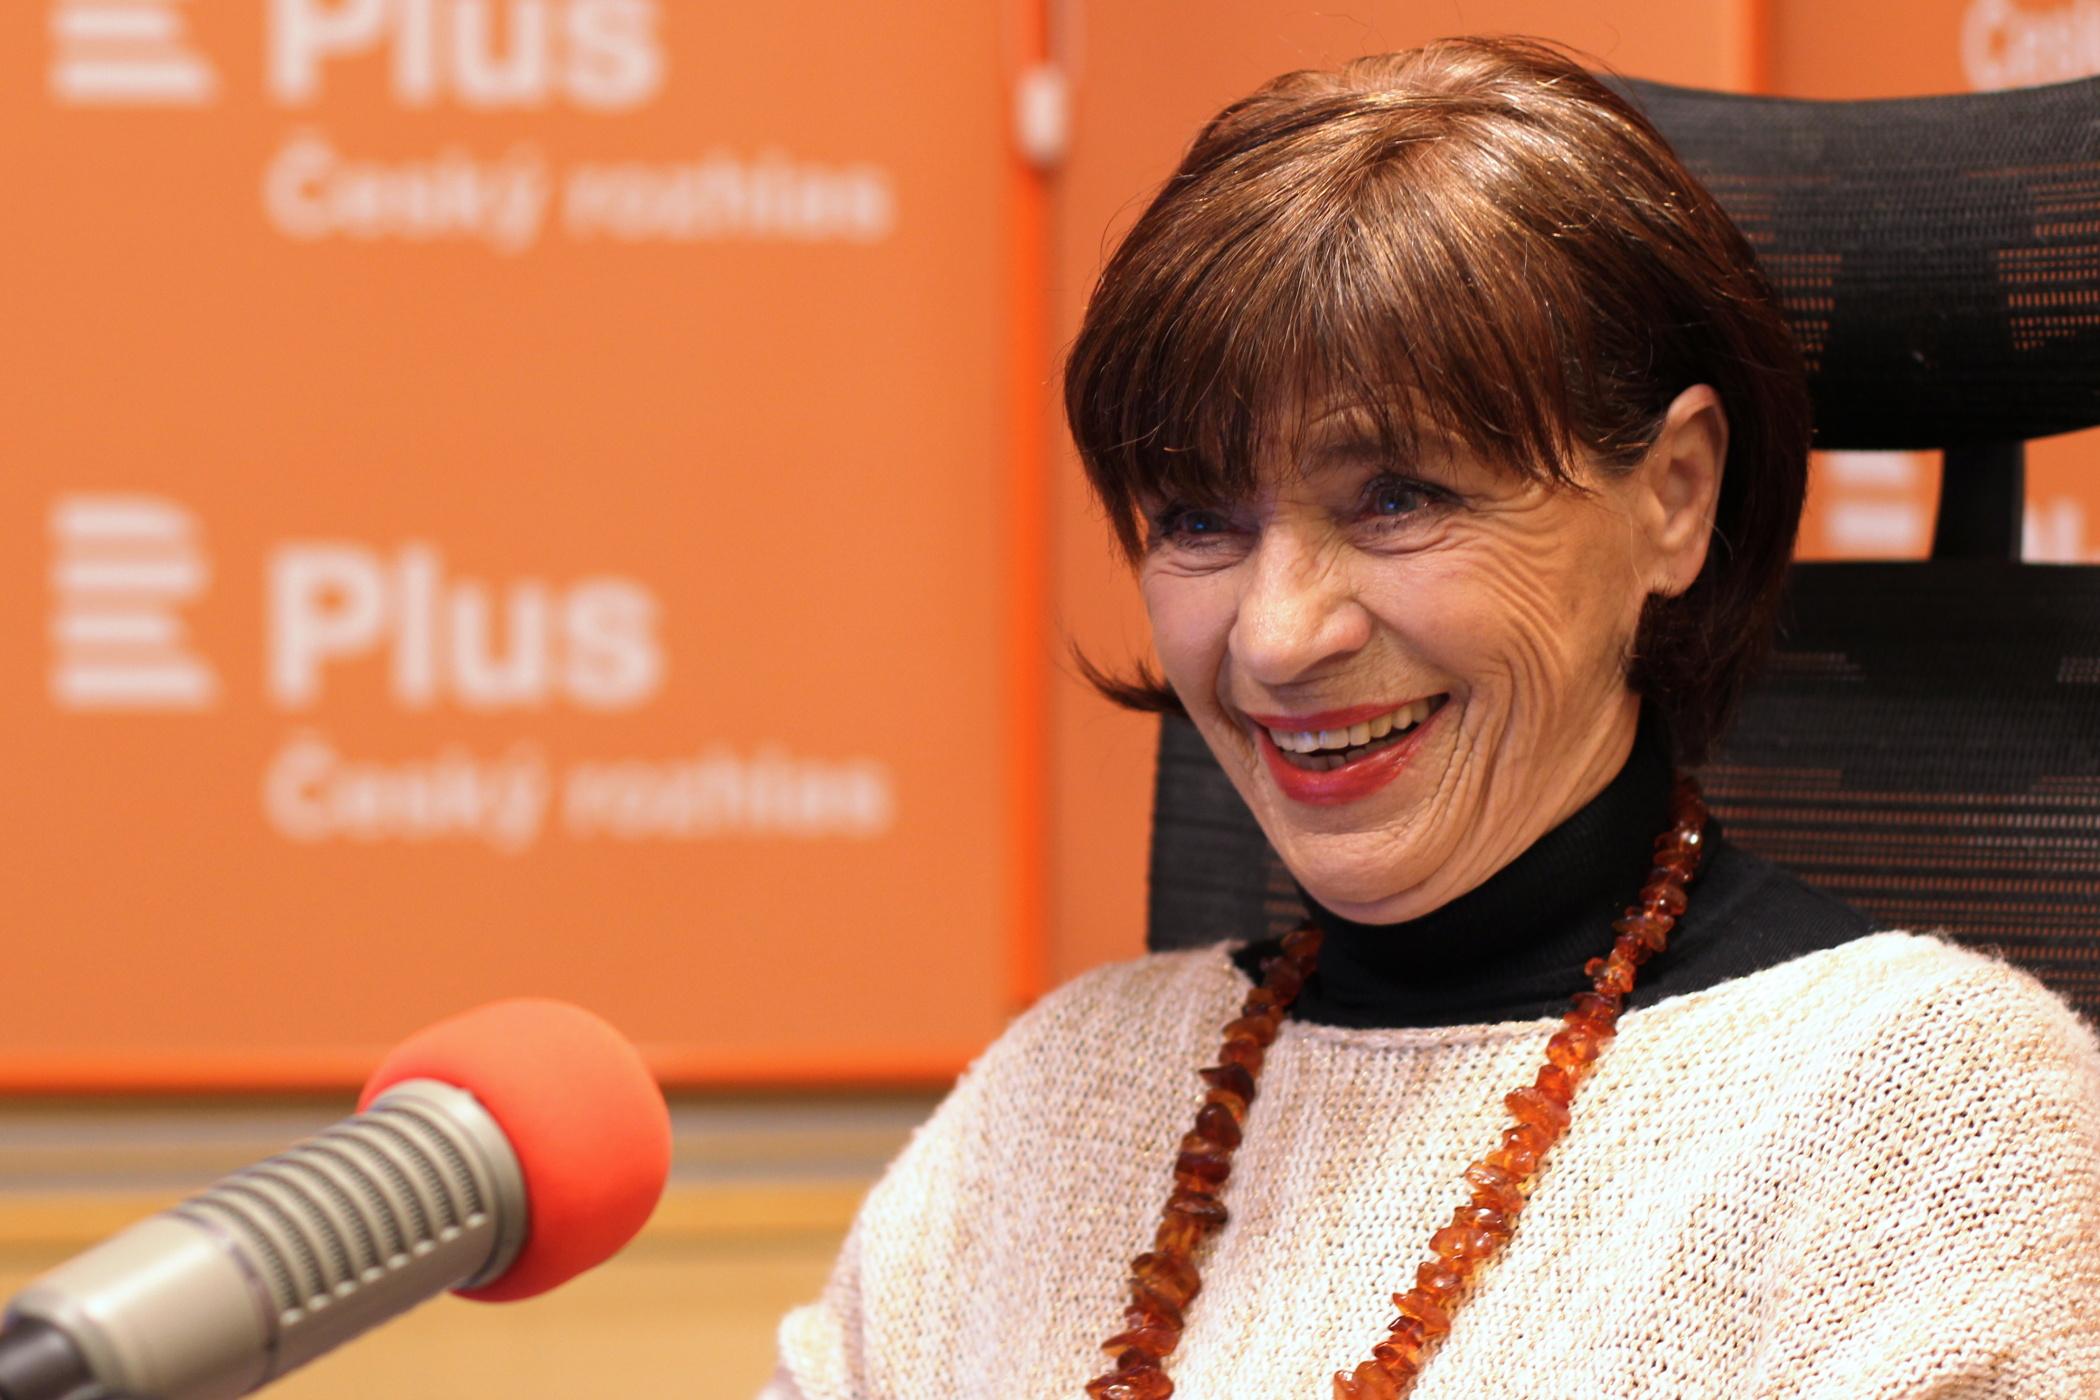 Marta Skarlandtová